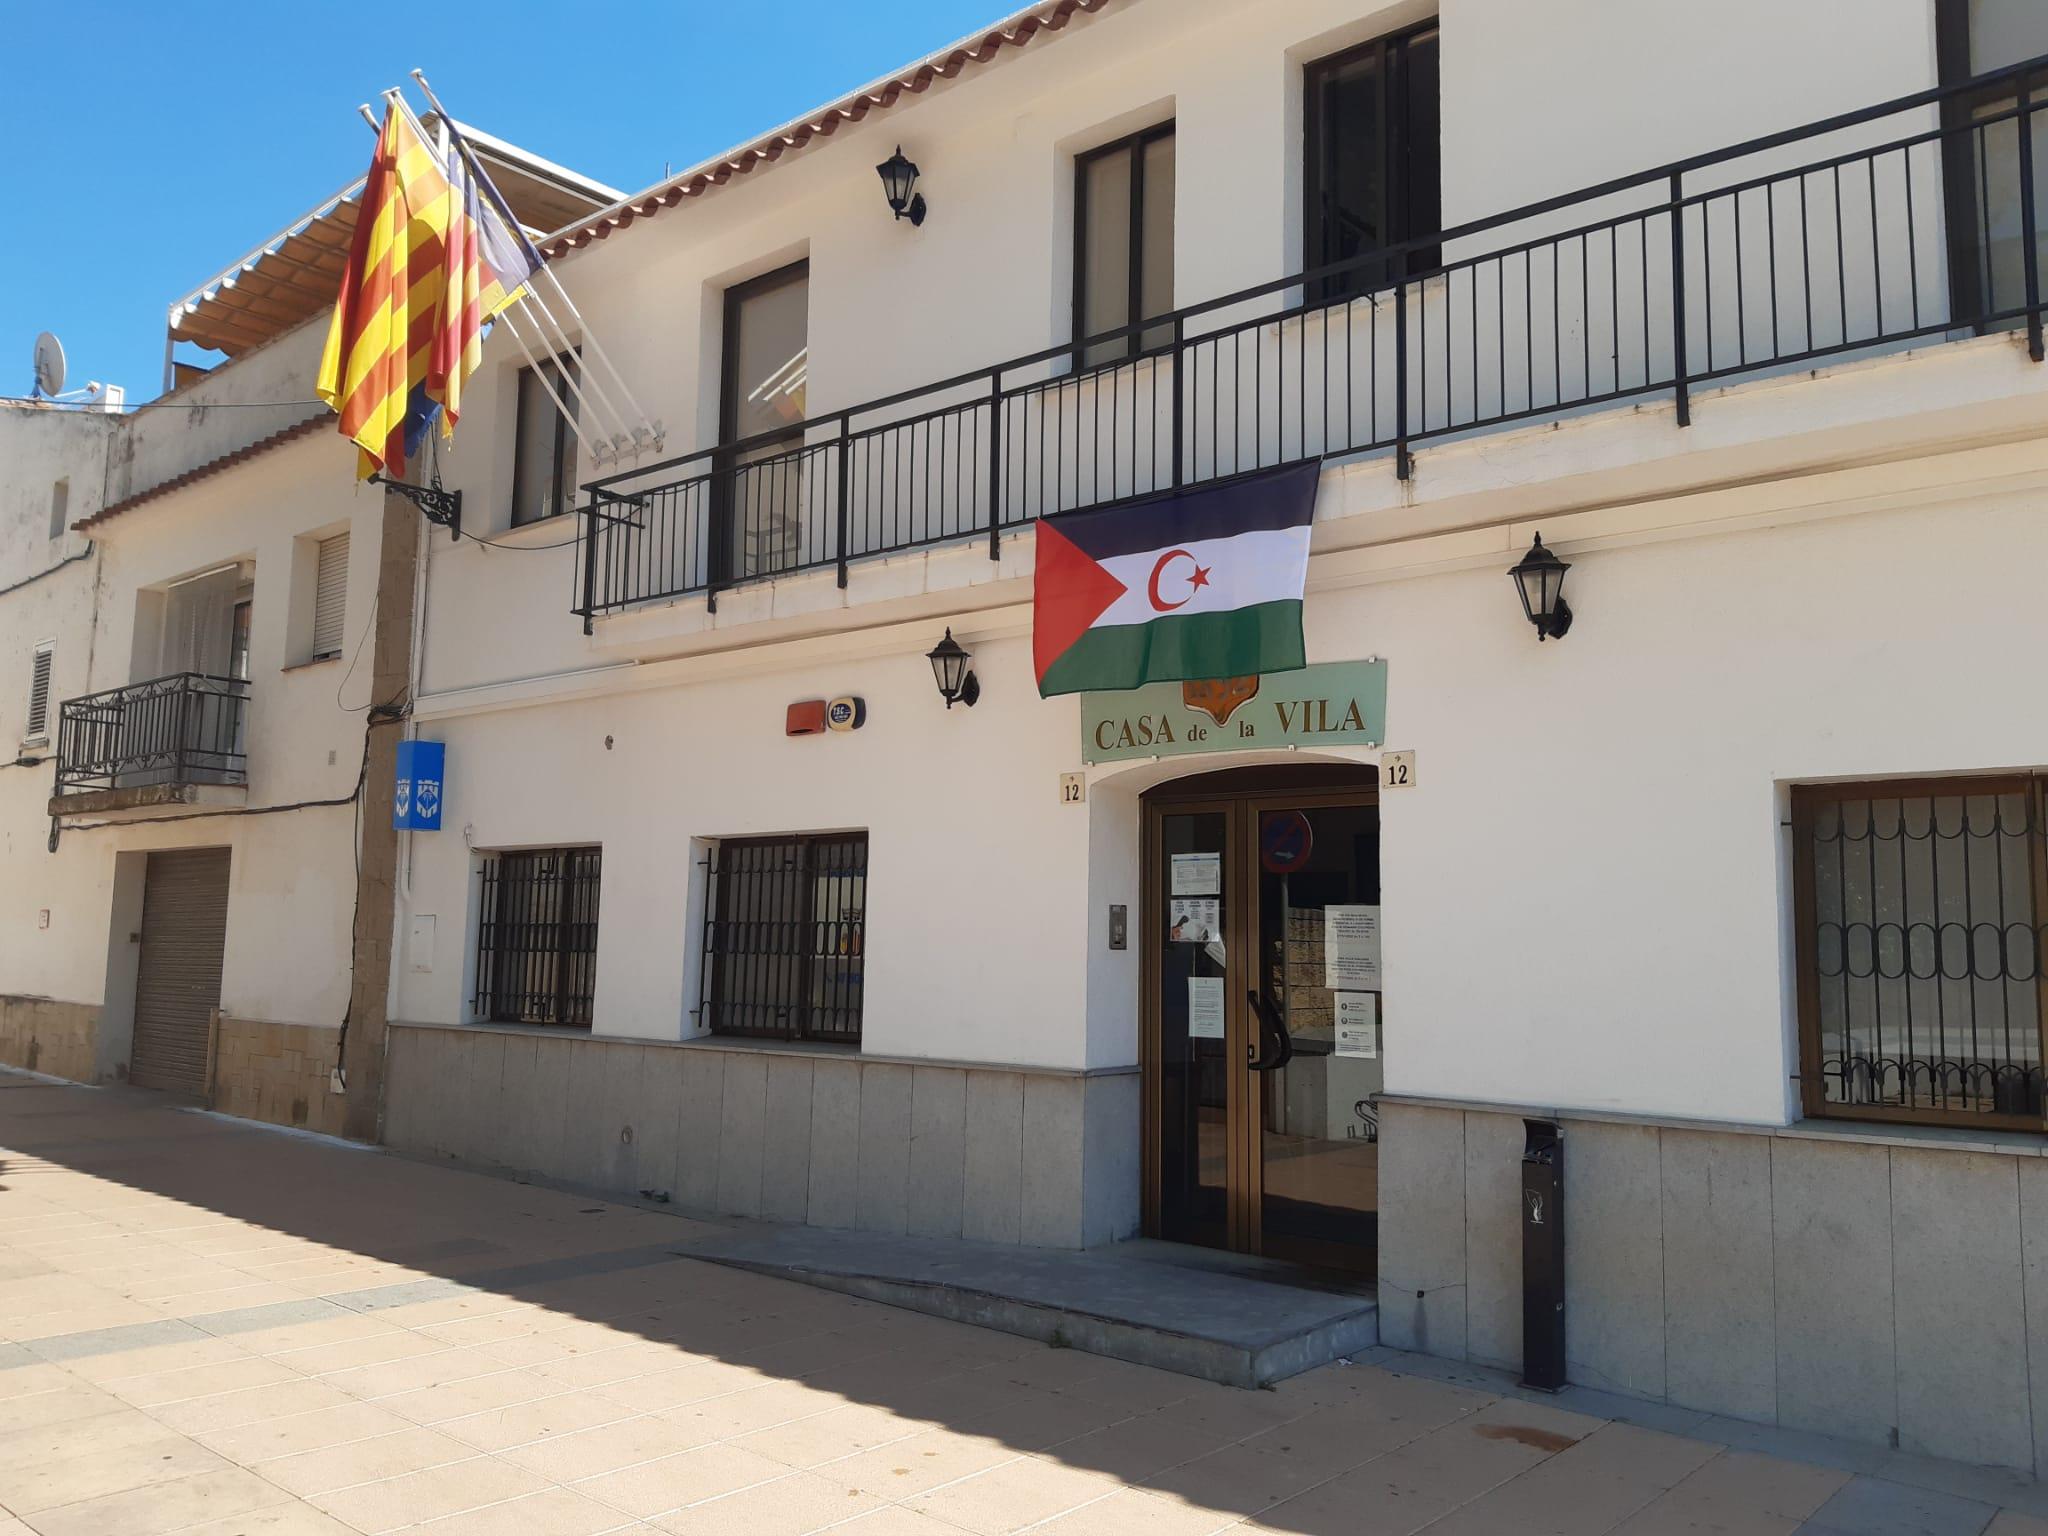 L'ajuntament de Cunit penja la bandera Sahrauí al balcó aquest cap de setmana